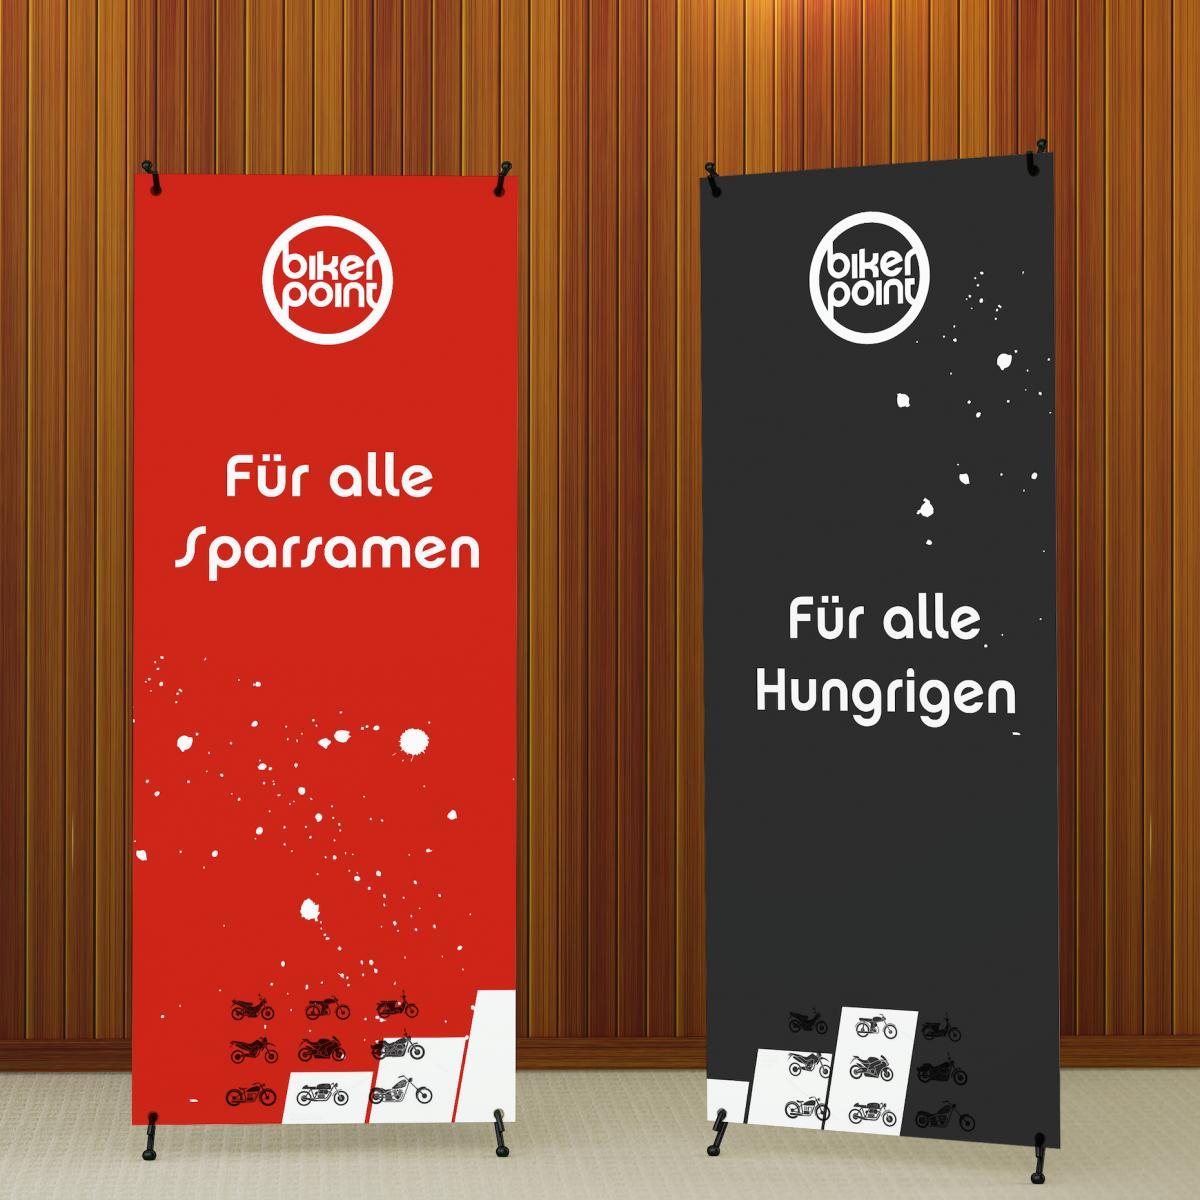 Zwei Rollup-Banner mit Werbung für Bikerpoint